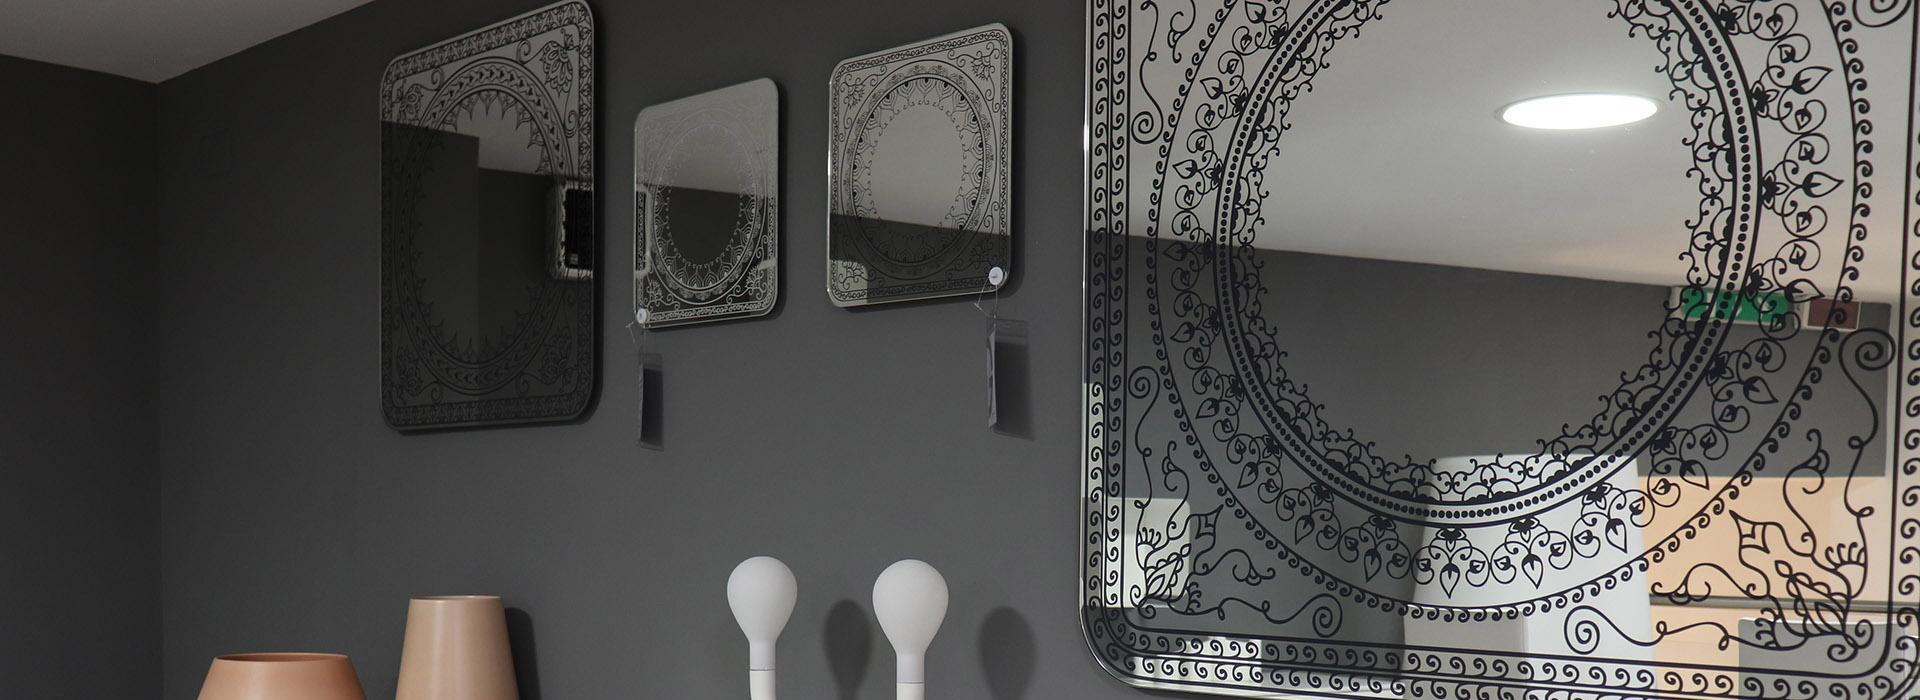 Damasco specchi calligaris ginocchi arredamenti for Calligaris arredamenti catalogo